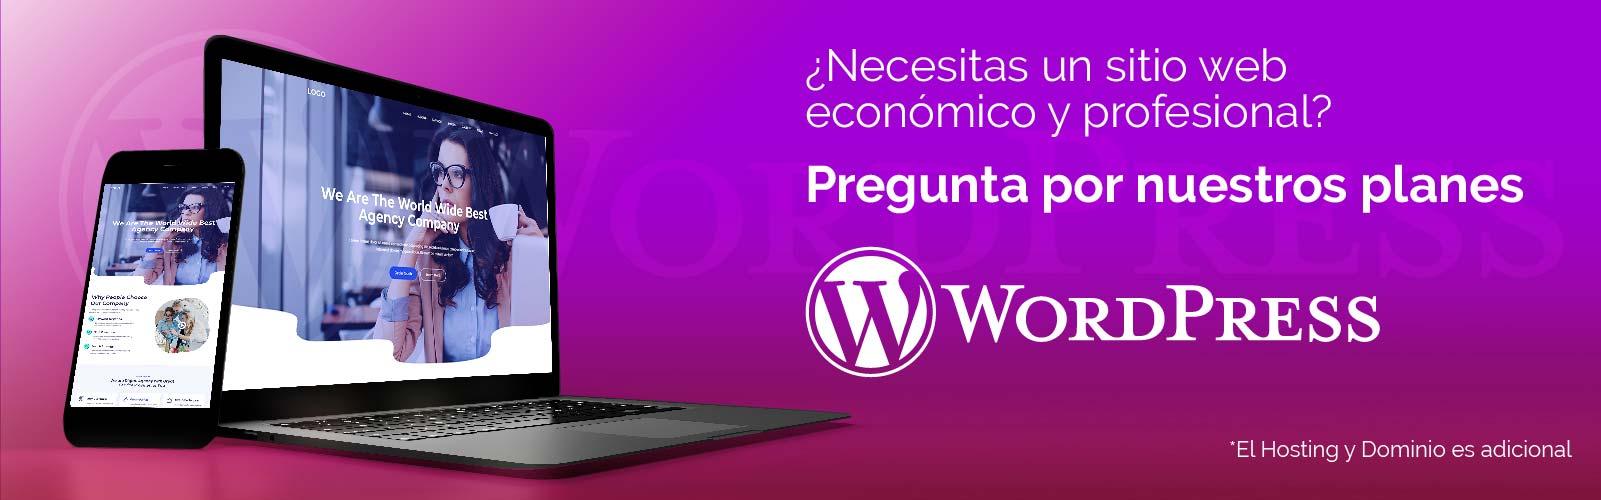 WORDPRESS-01.jpg